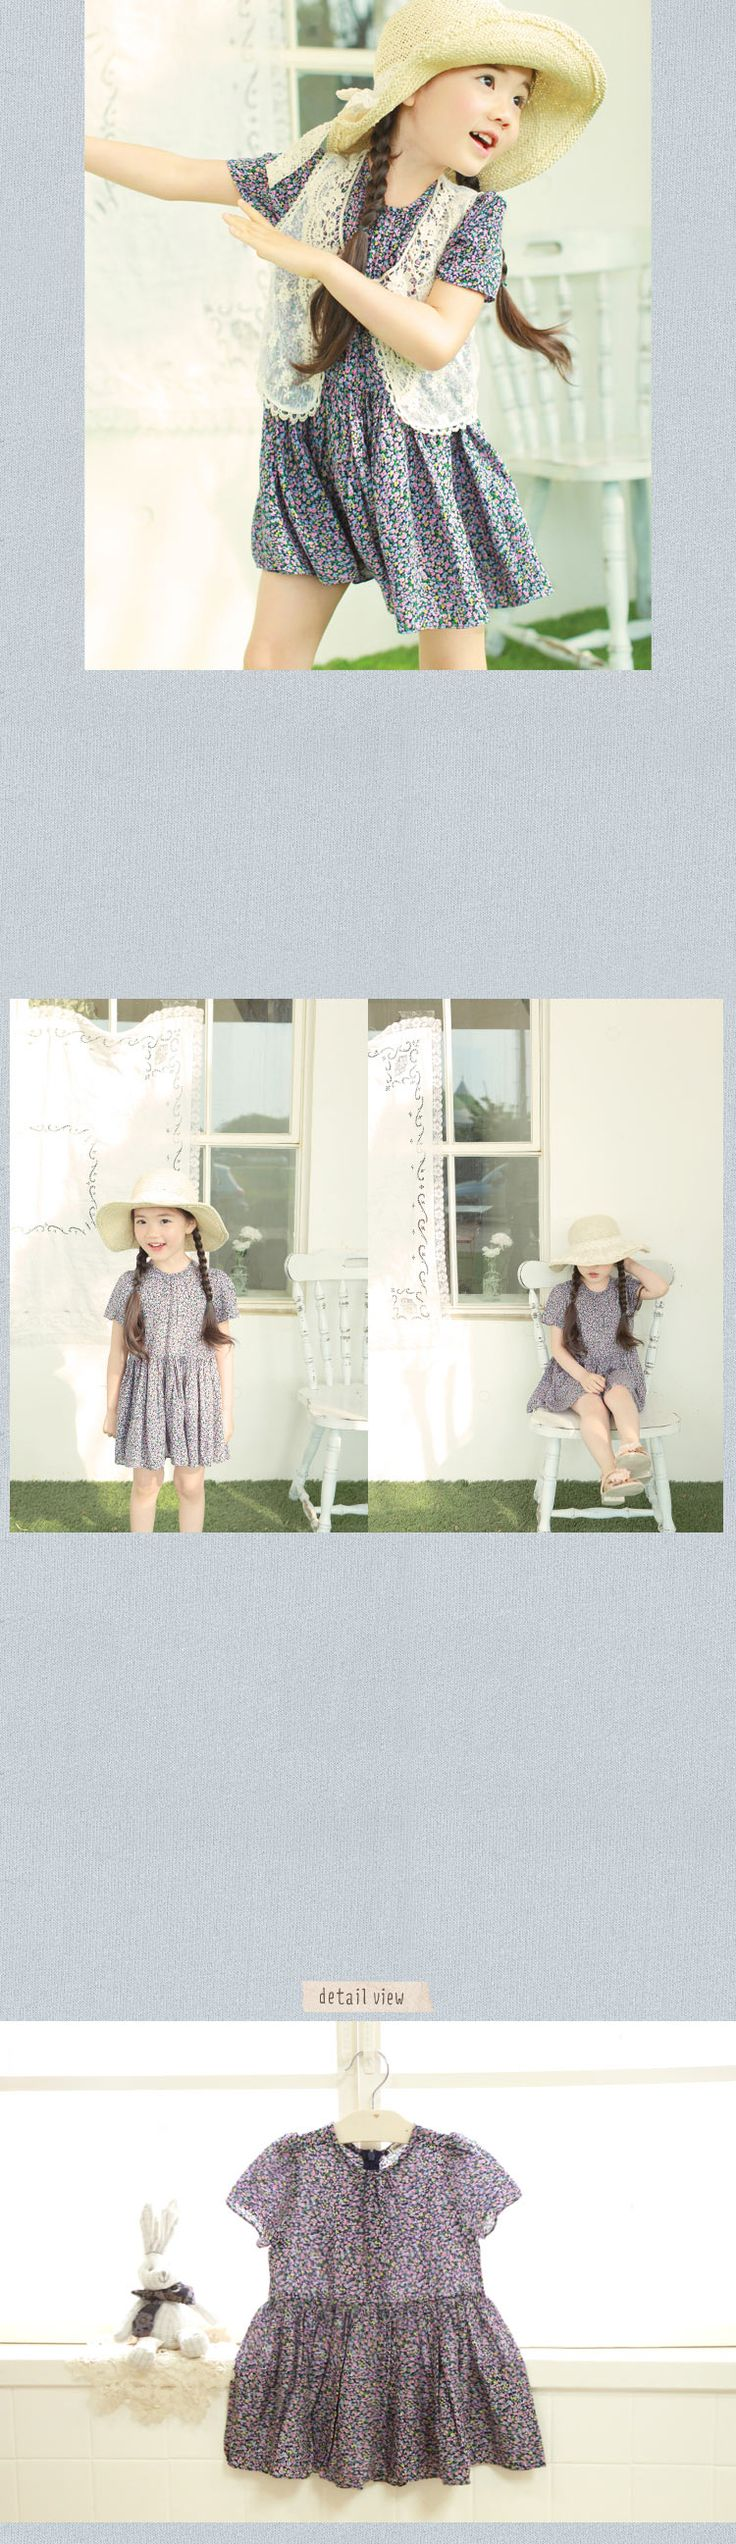 かわいい子供服 | ベビー服 | キッズファッション輸入通販のセレクトショップ【Peach Baby】Amber-pure アンバーピュア クララワンピース